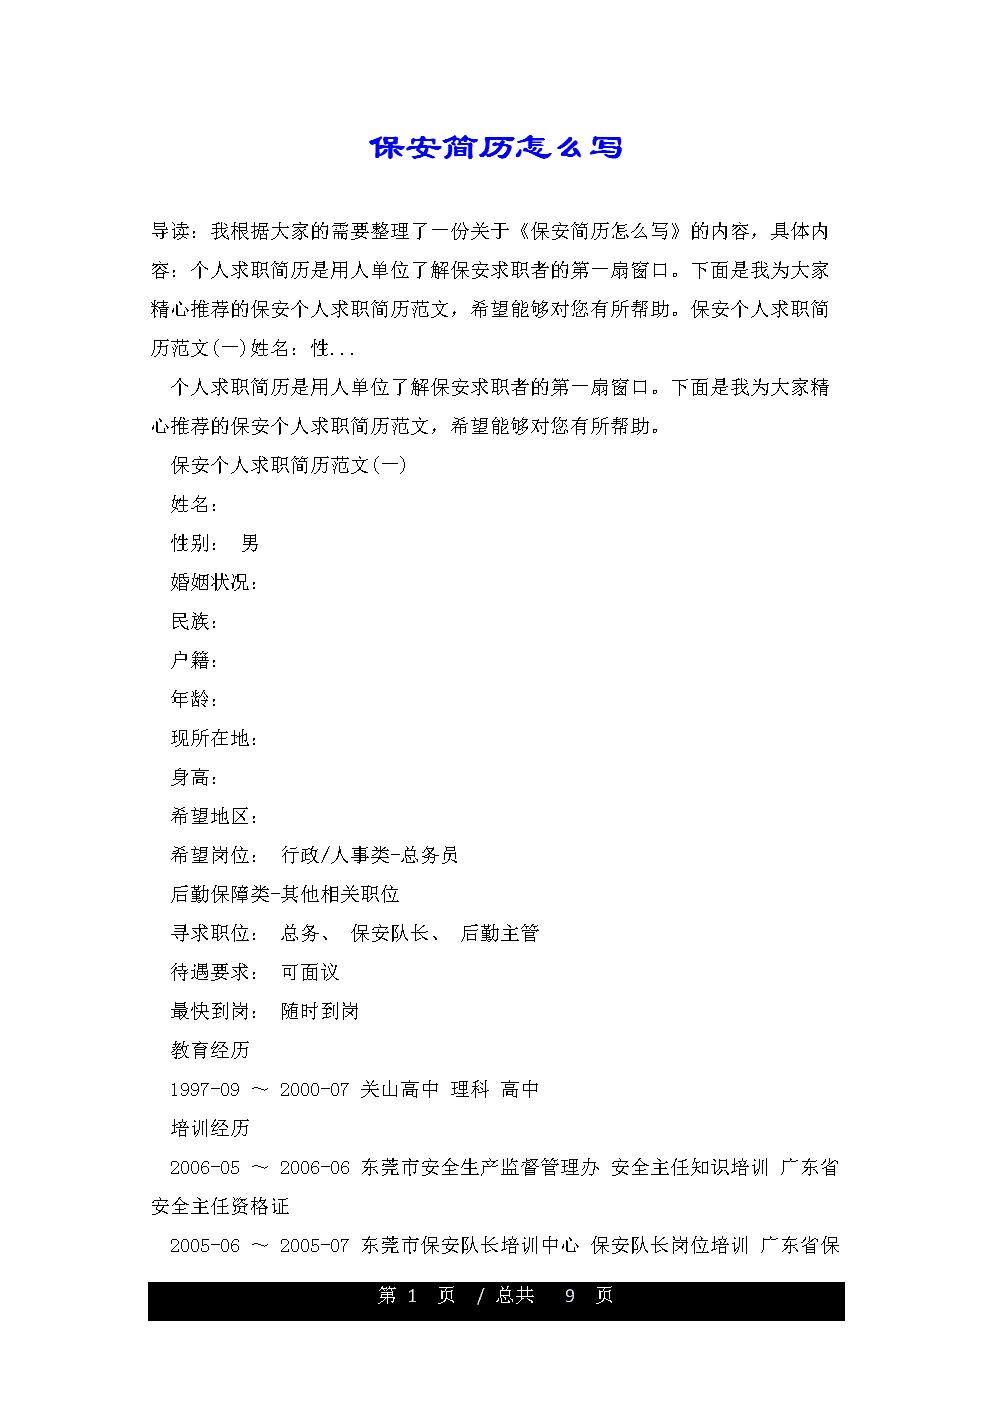 保安简历怎么写.doc